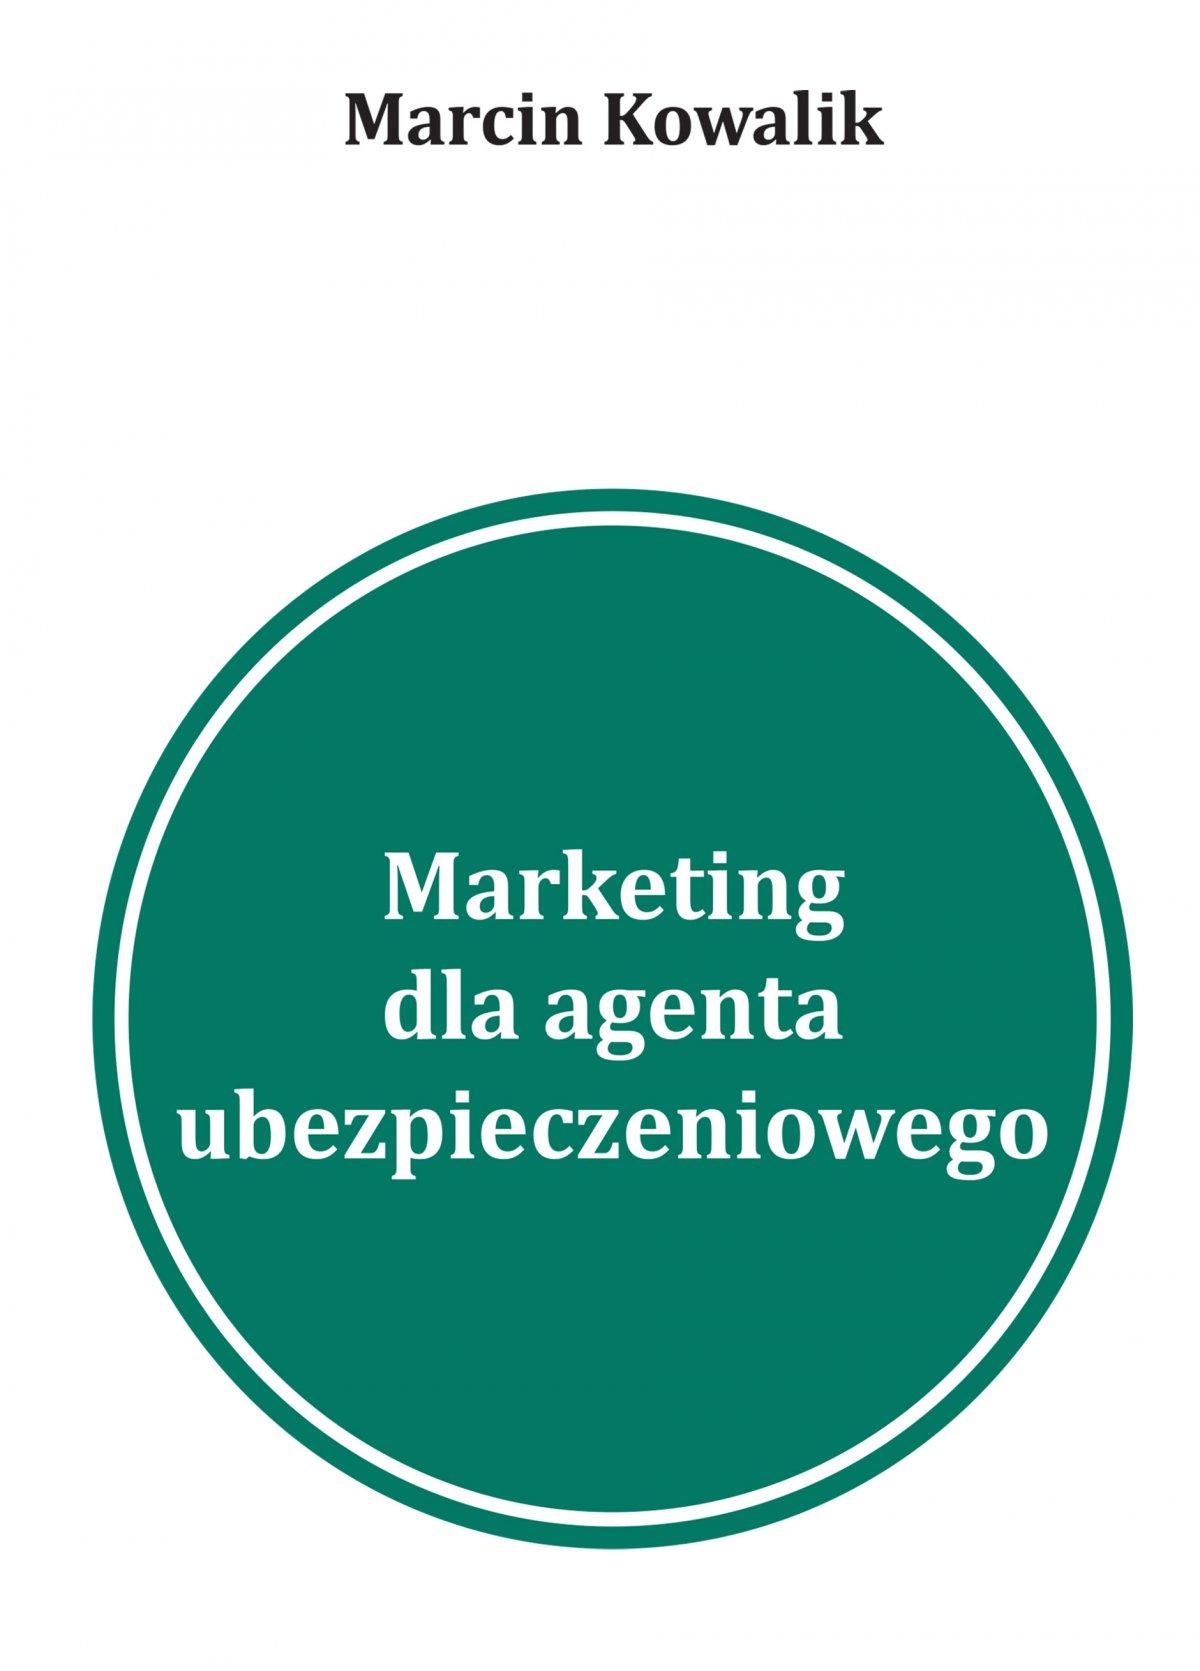 5 inspiracji na marketing w wyszukiwarkach dla agentów ubezpieczeniowych - Ebook (Książka EPUB) do pobrania w formacie EPUB